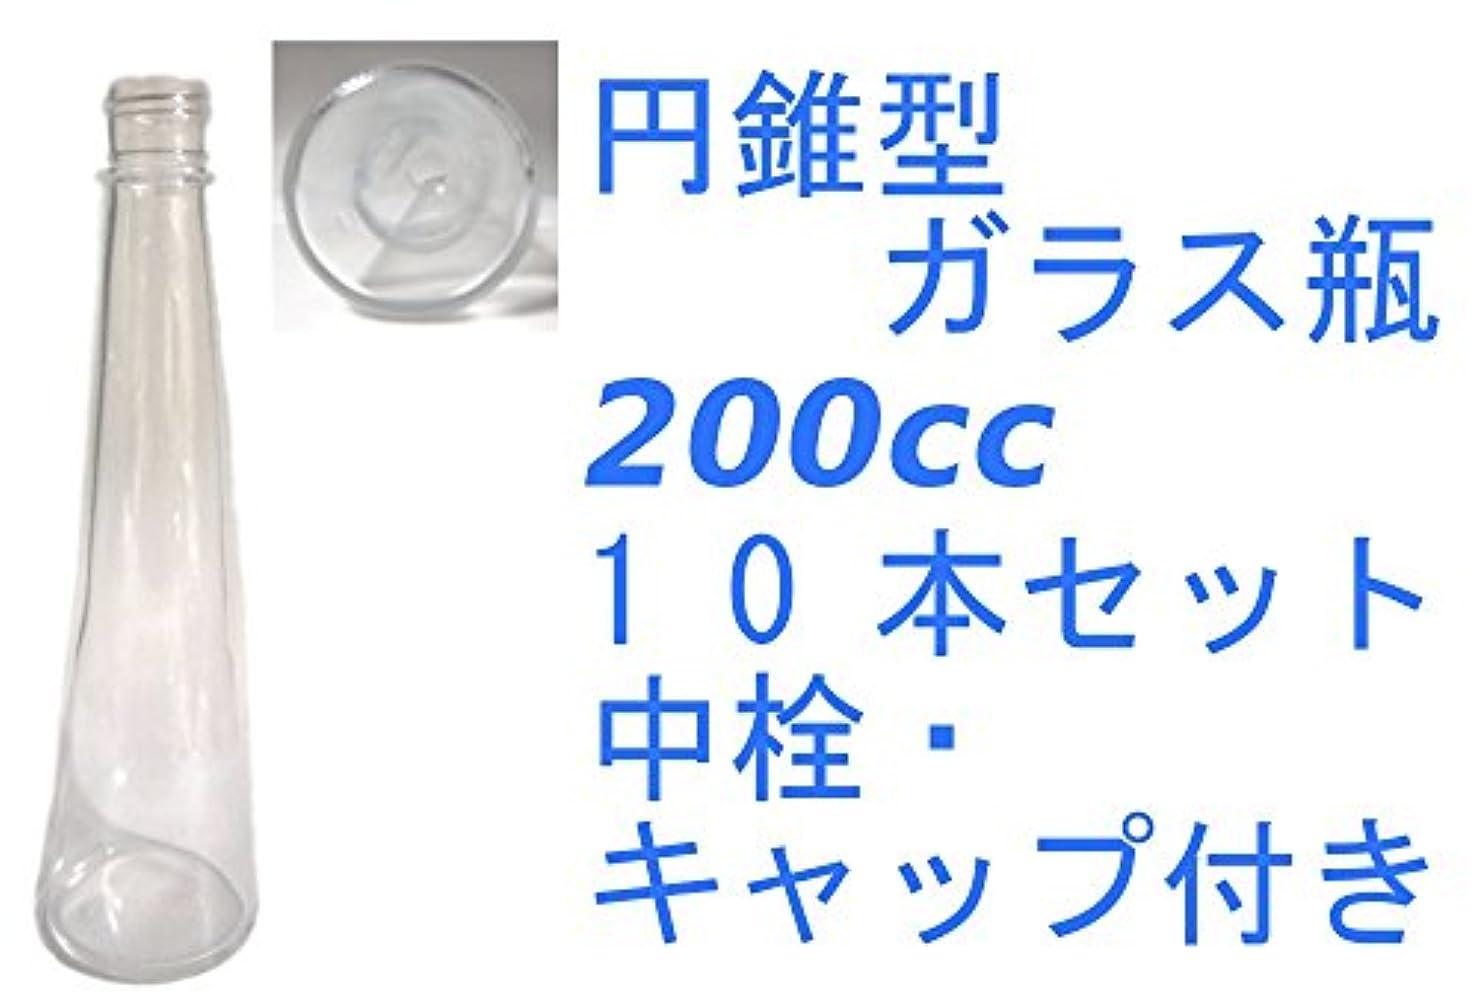 不振ピニオン高層ビル(ジャストユーズ) JustU's 日本製 ポリ栓 中栓付き円錐型ガラス瓶 10本セット 200cc 200ml アロマディフューザー ハーバリウム 調味料 オイル タレ ドレッシング瓶 B10-SSG200A-A